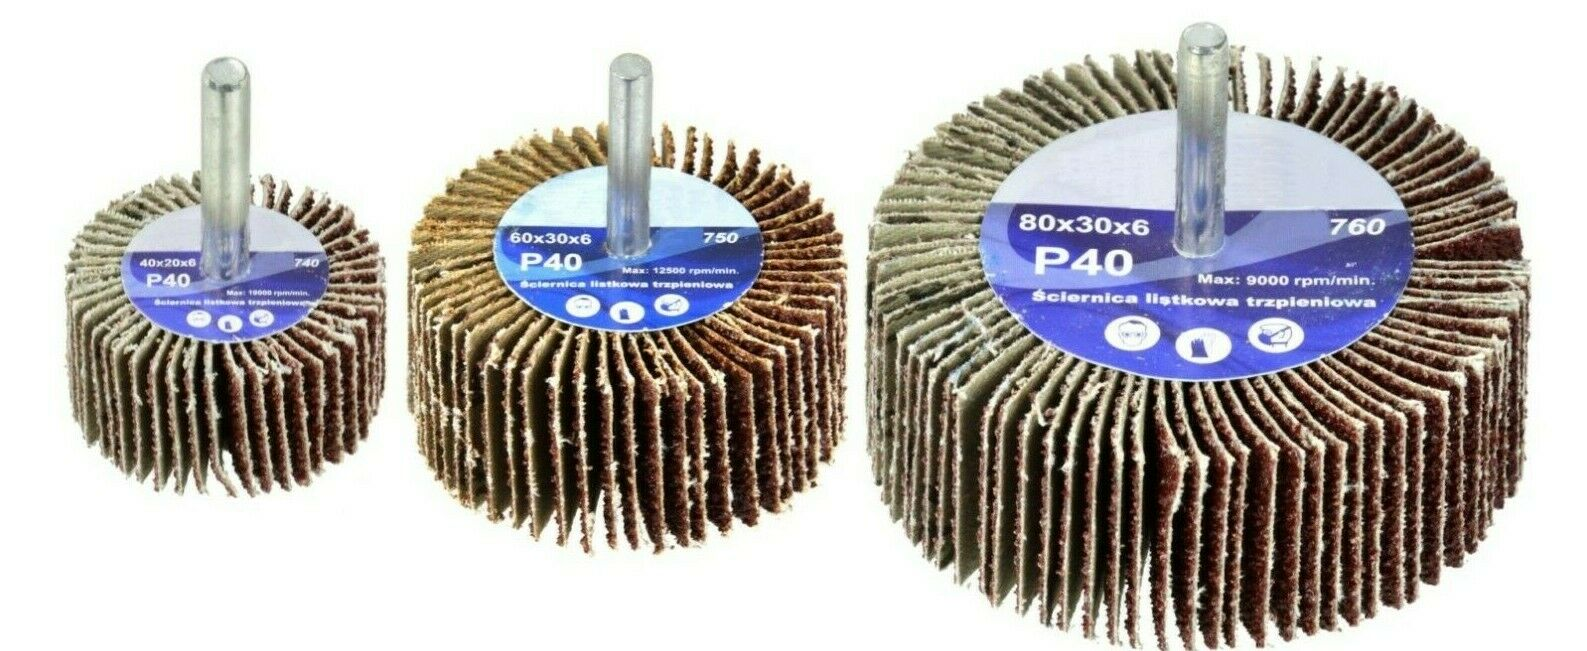 Lamellenschleifer Schleifmop P40 / P100 Schleifmittel Schleifscheiben Körnung